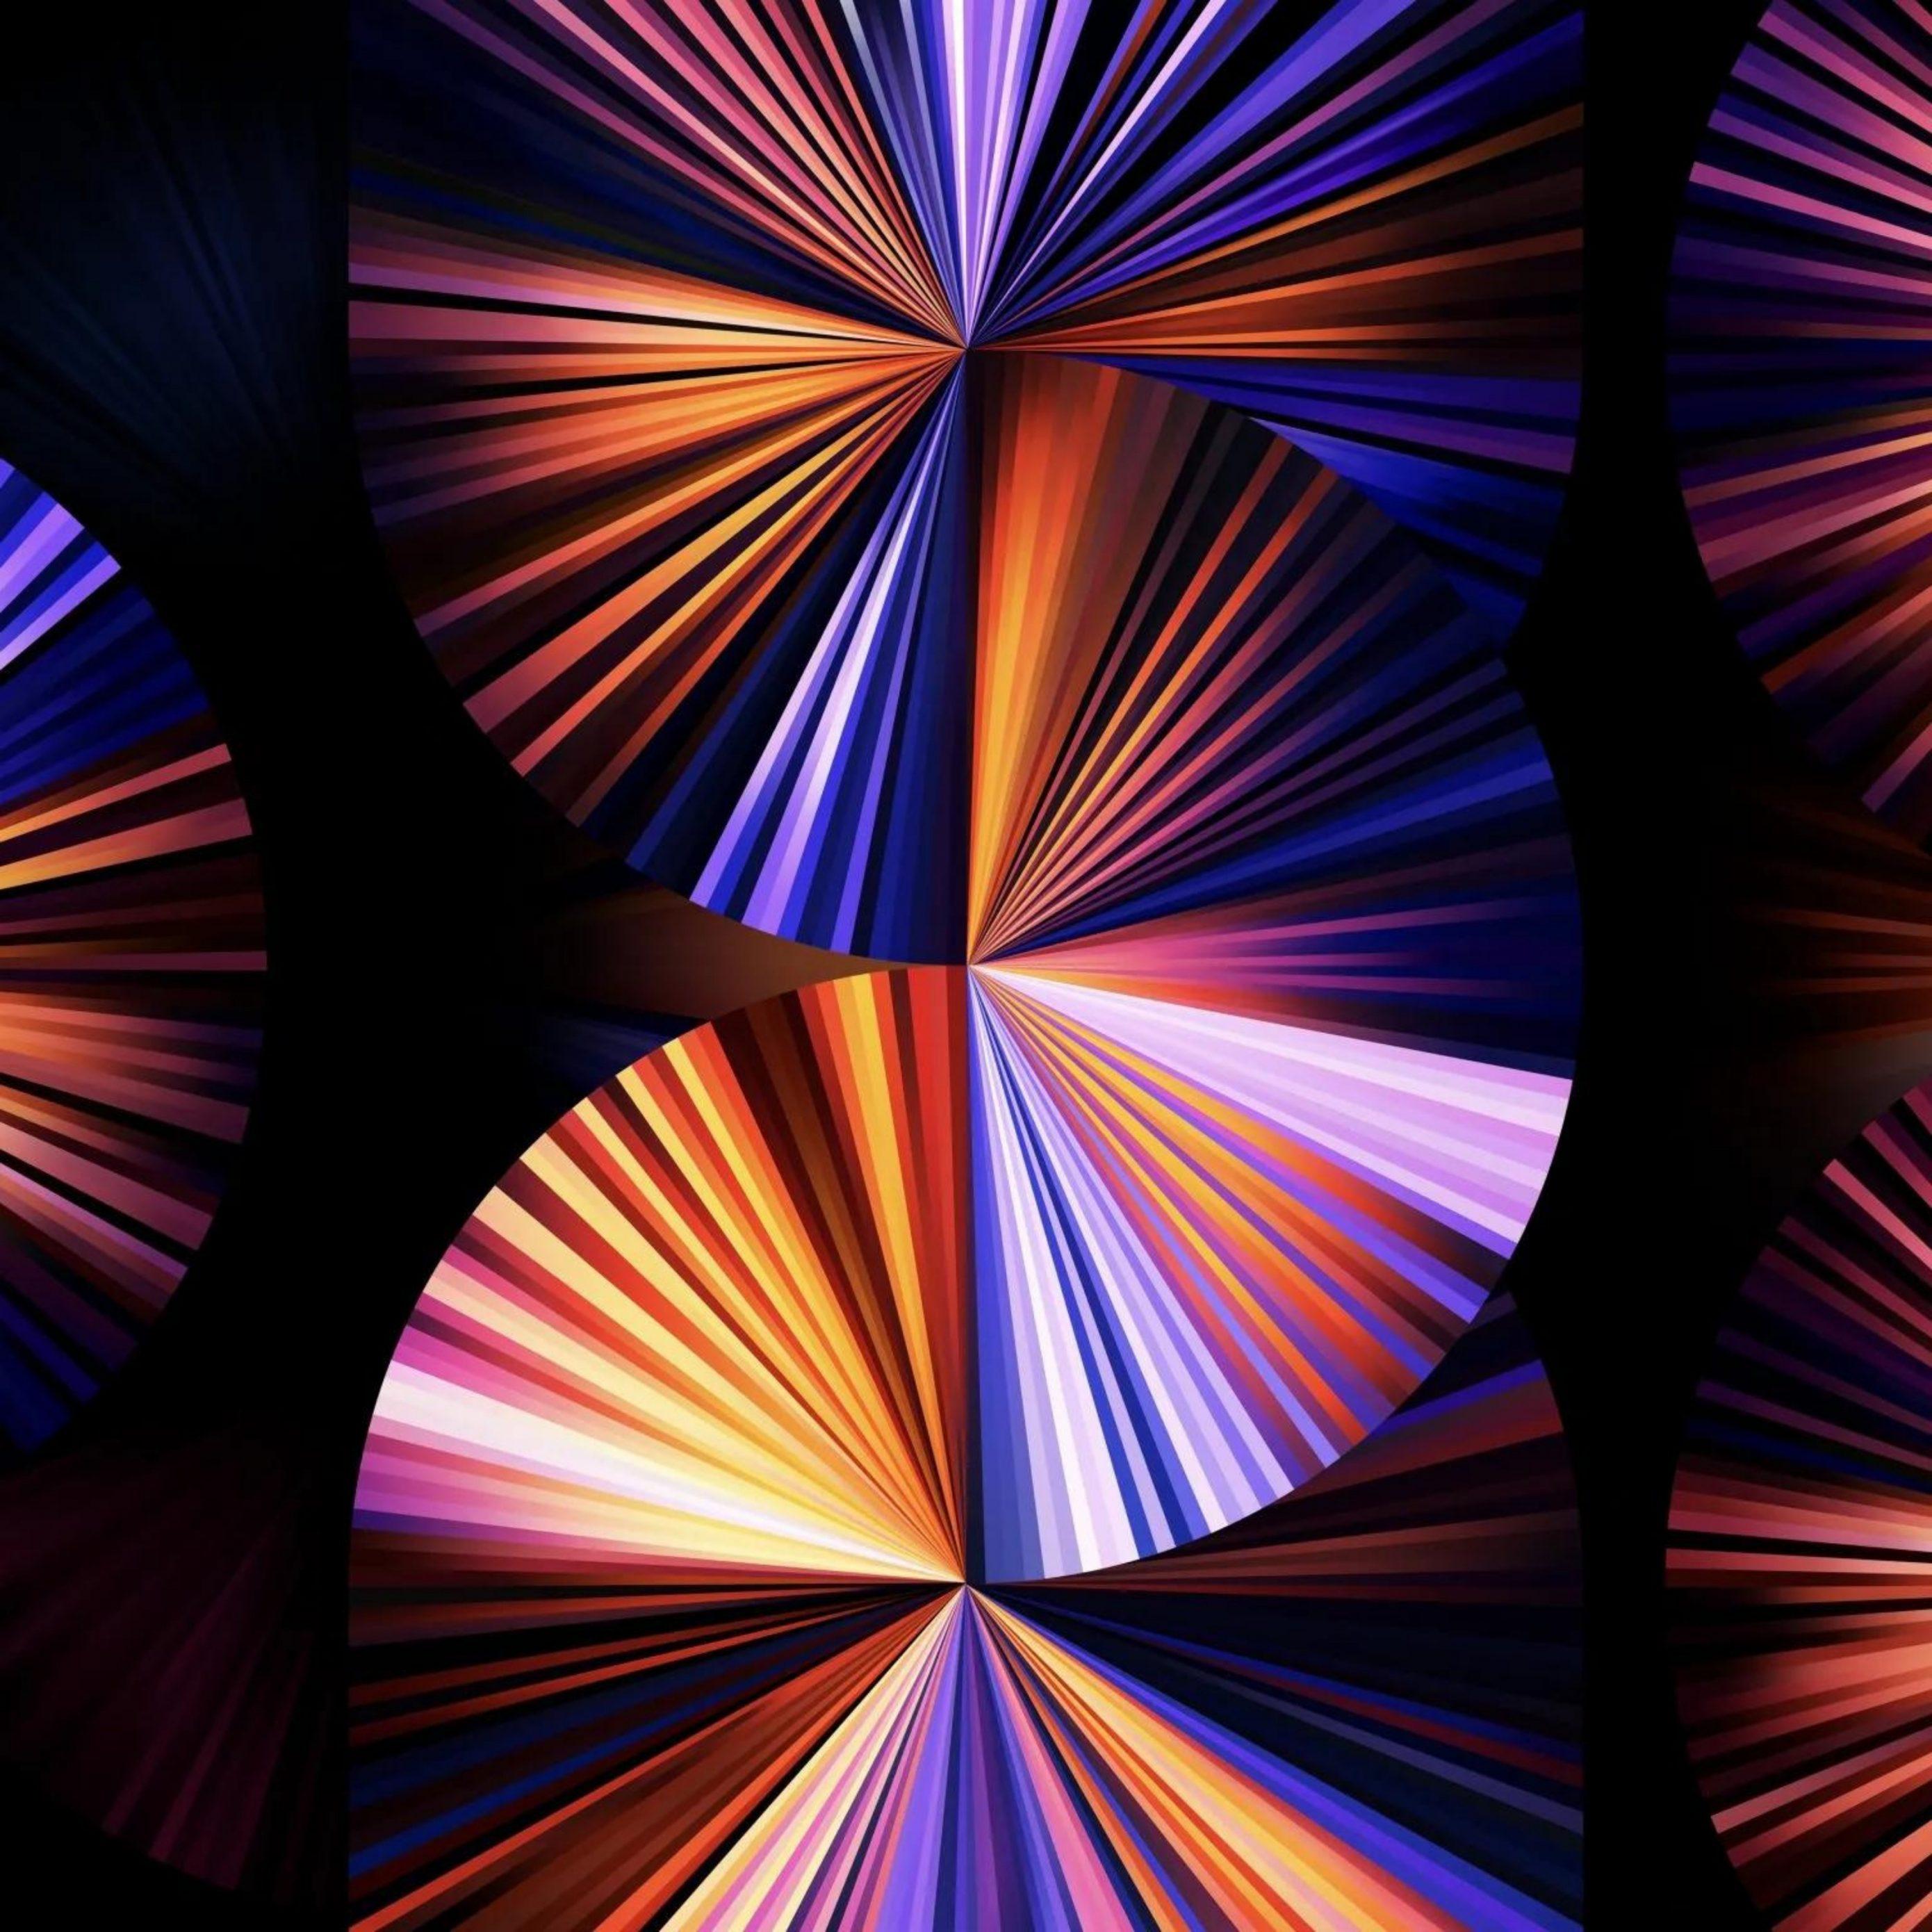 2780x2780 Parallax wallpaper 4k iPad Pro 2021 12 9 Inch Purple Blue Dark Black Background iPad Wallpaper 2780x2780 pixels resolution